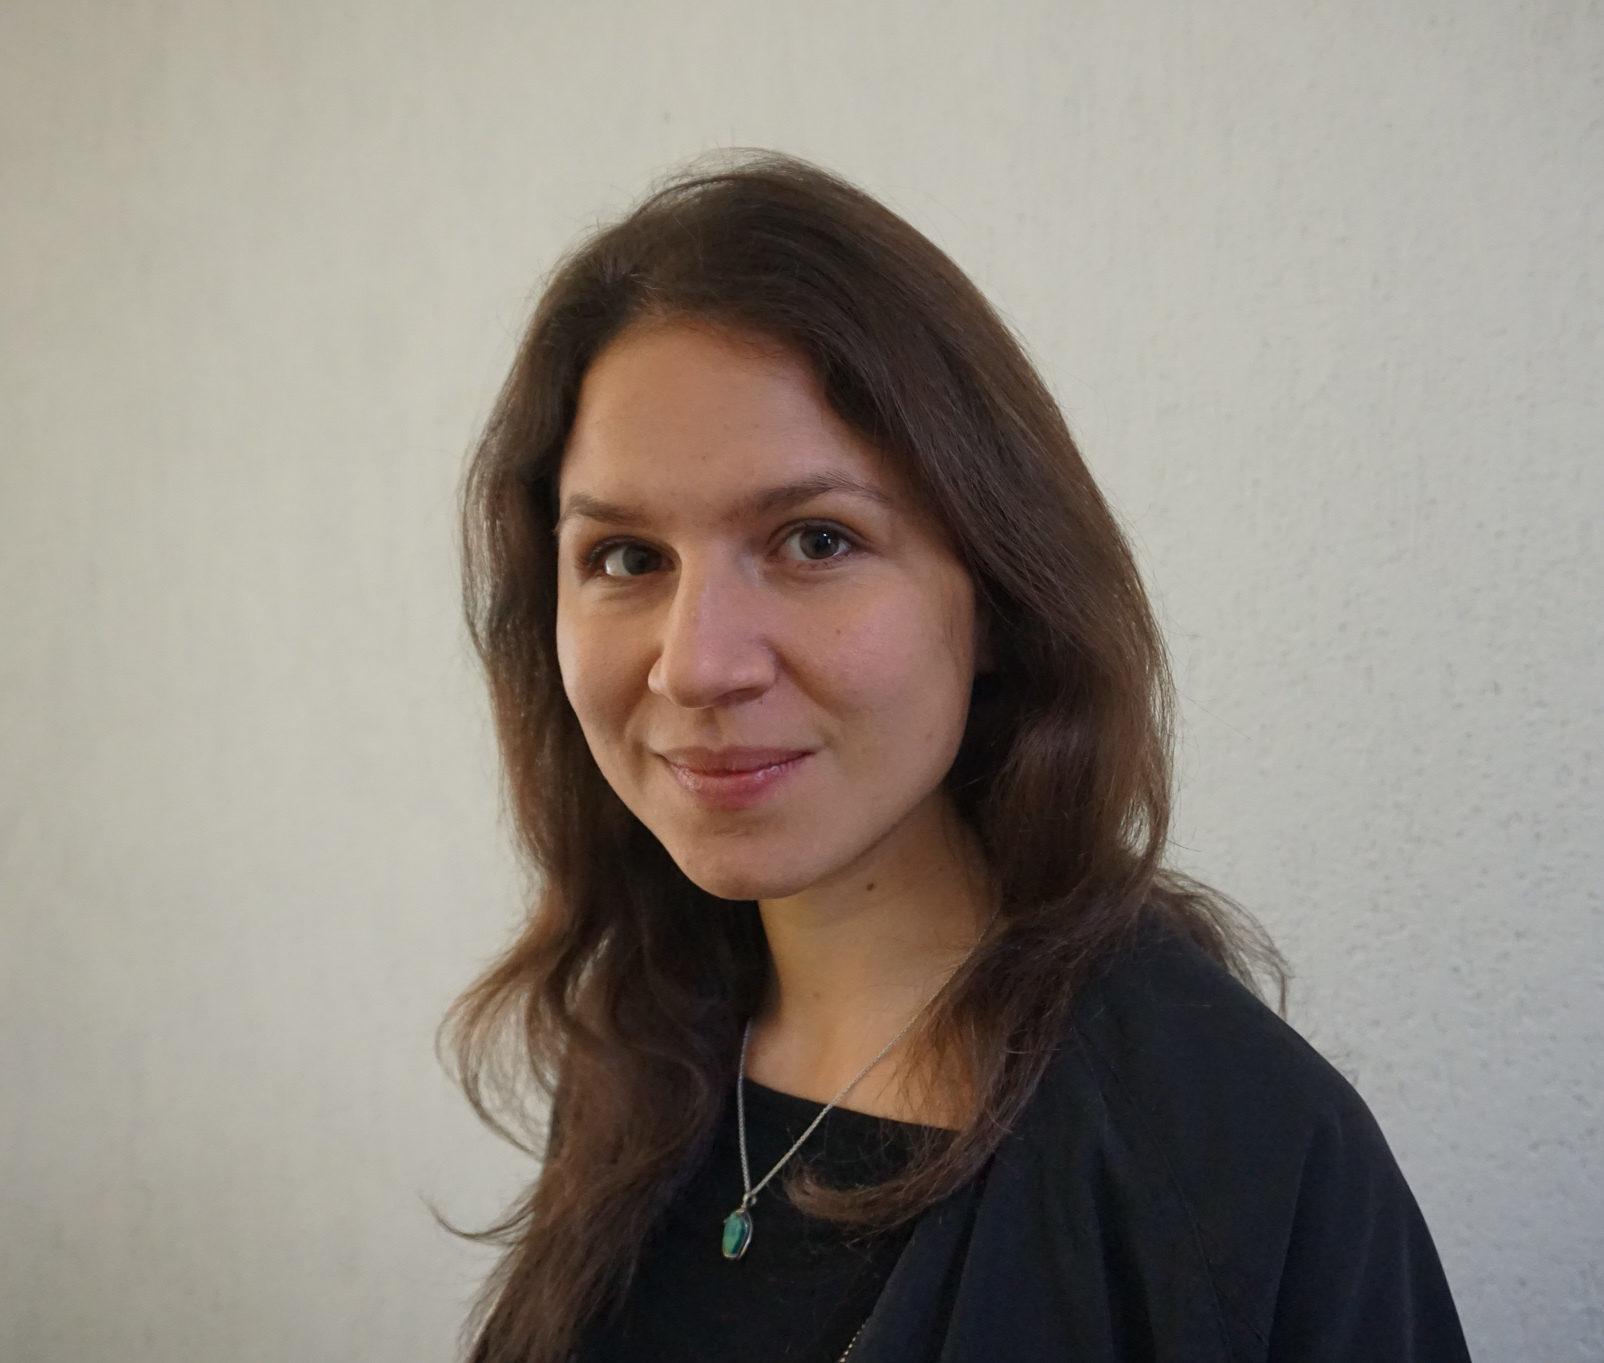 Alicia Prager Picture